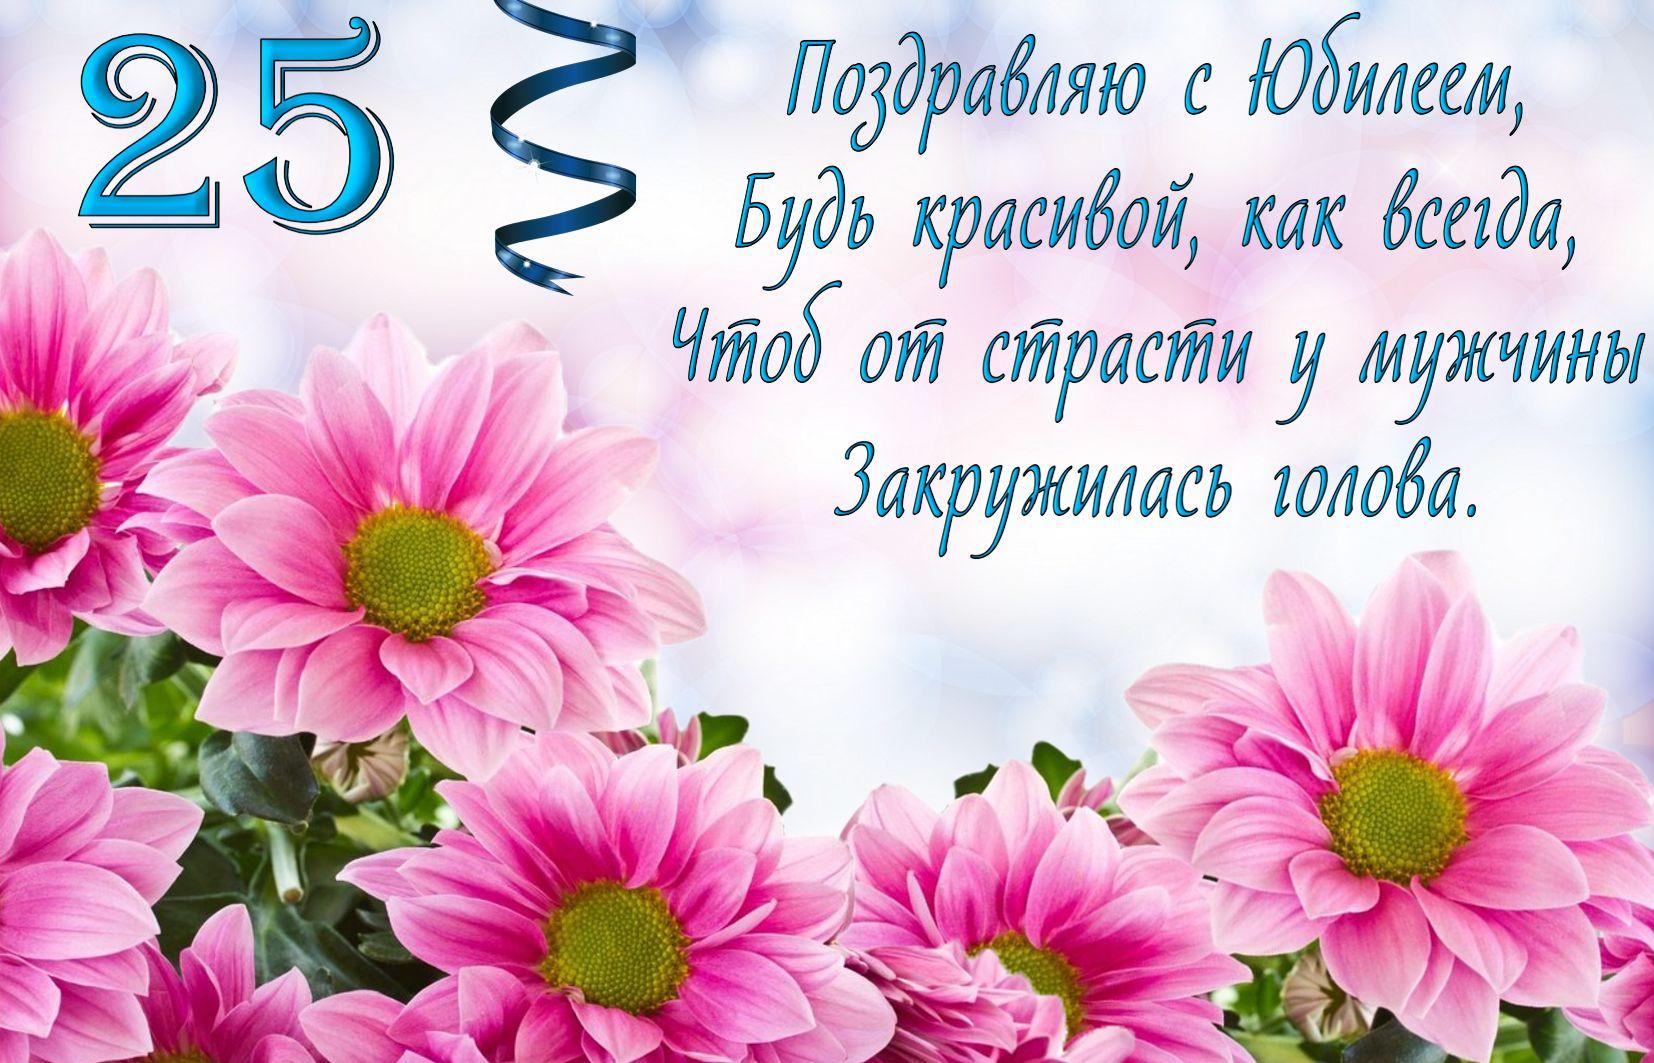 Поздравления с днем рождения для жены 35 лет